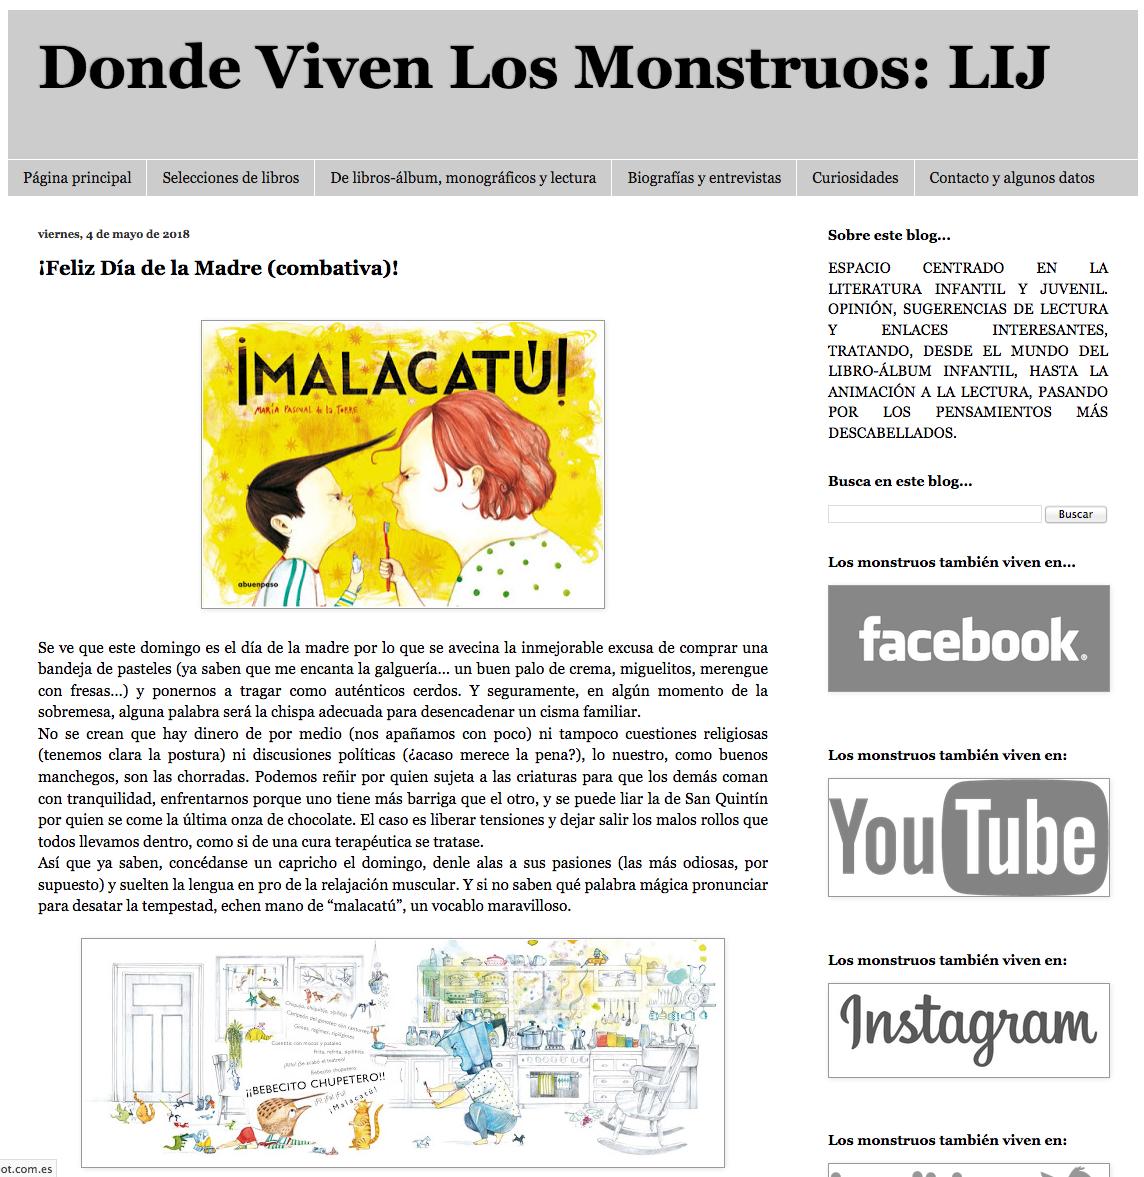 Malacatu_DondeVivenLosMonstruosLIJ.png